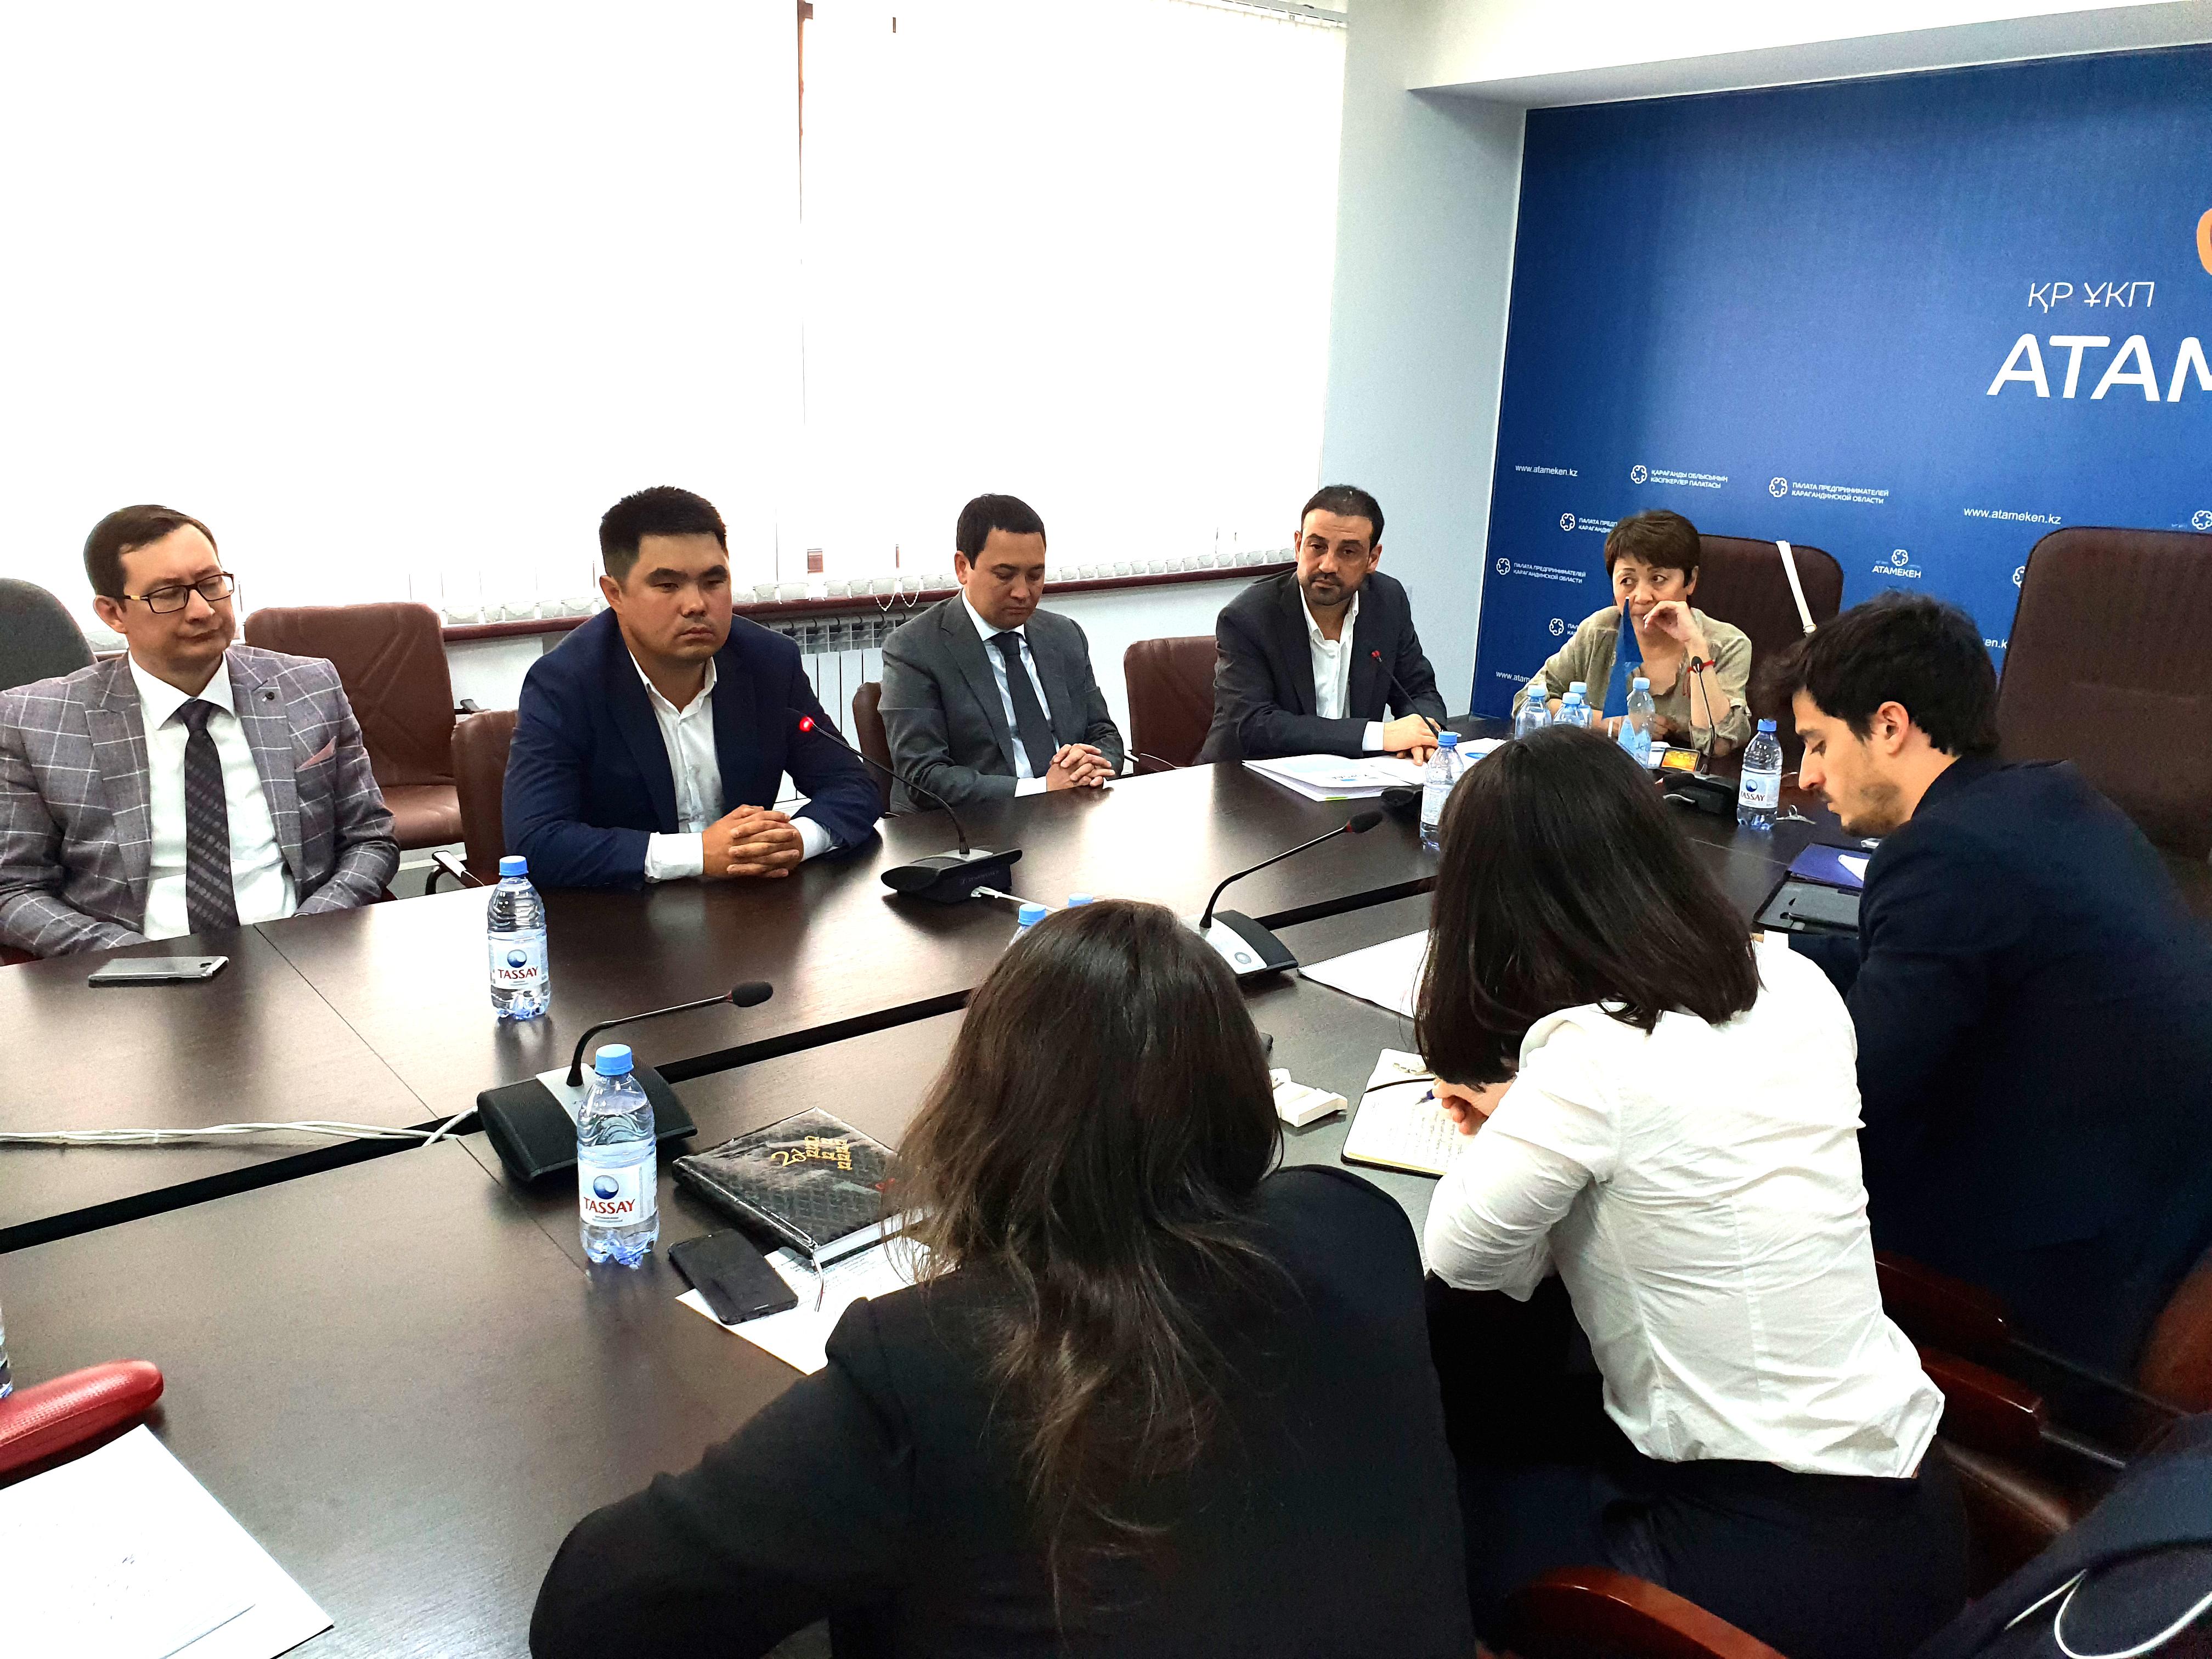 Reunión con empresas kazajas